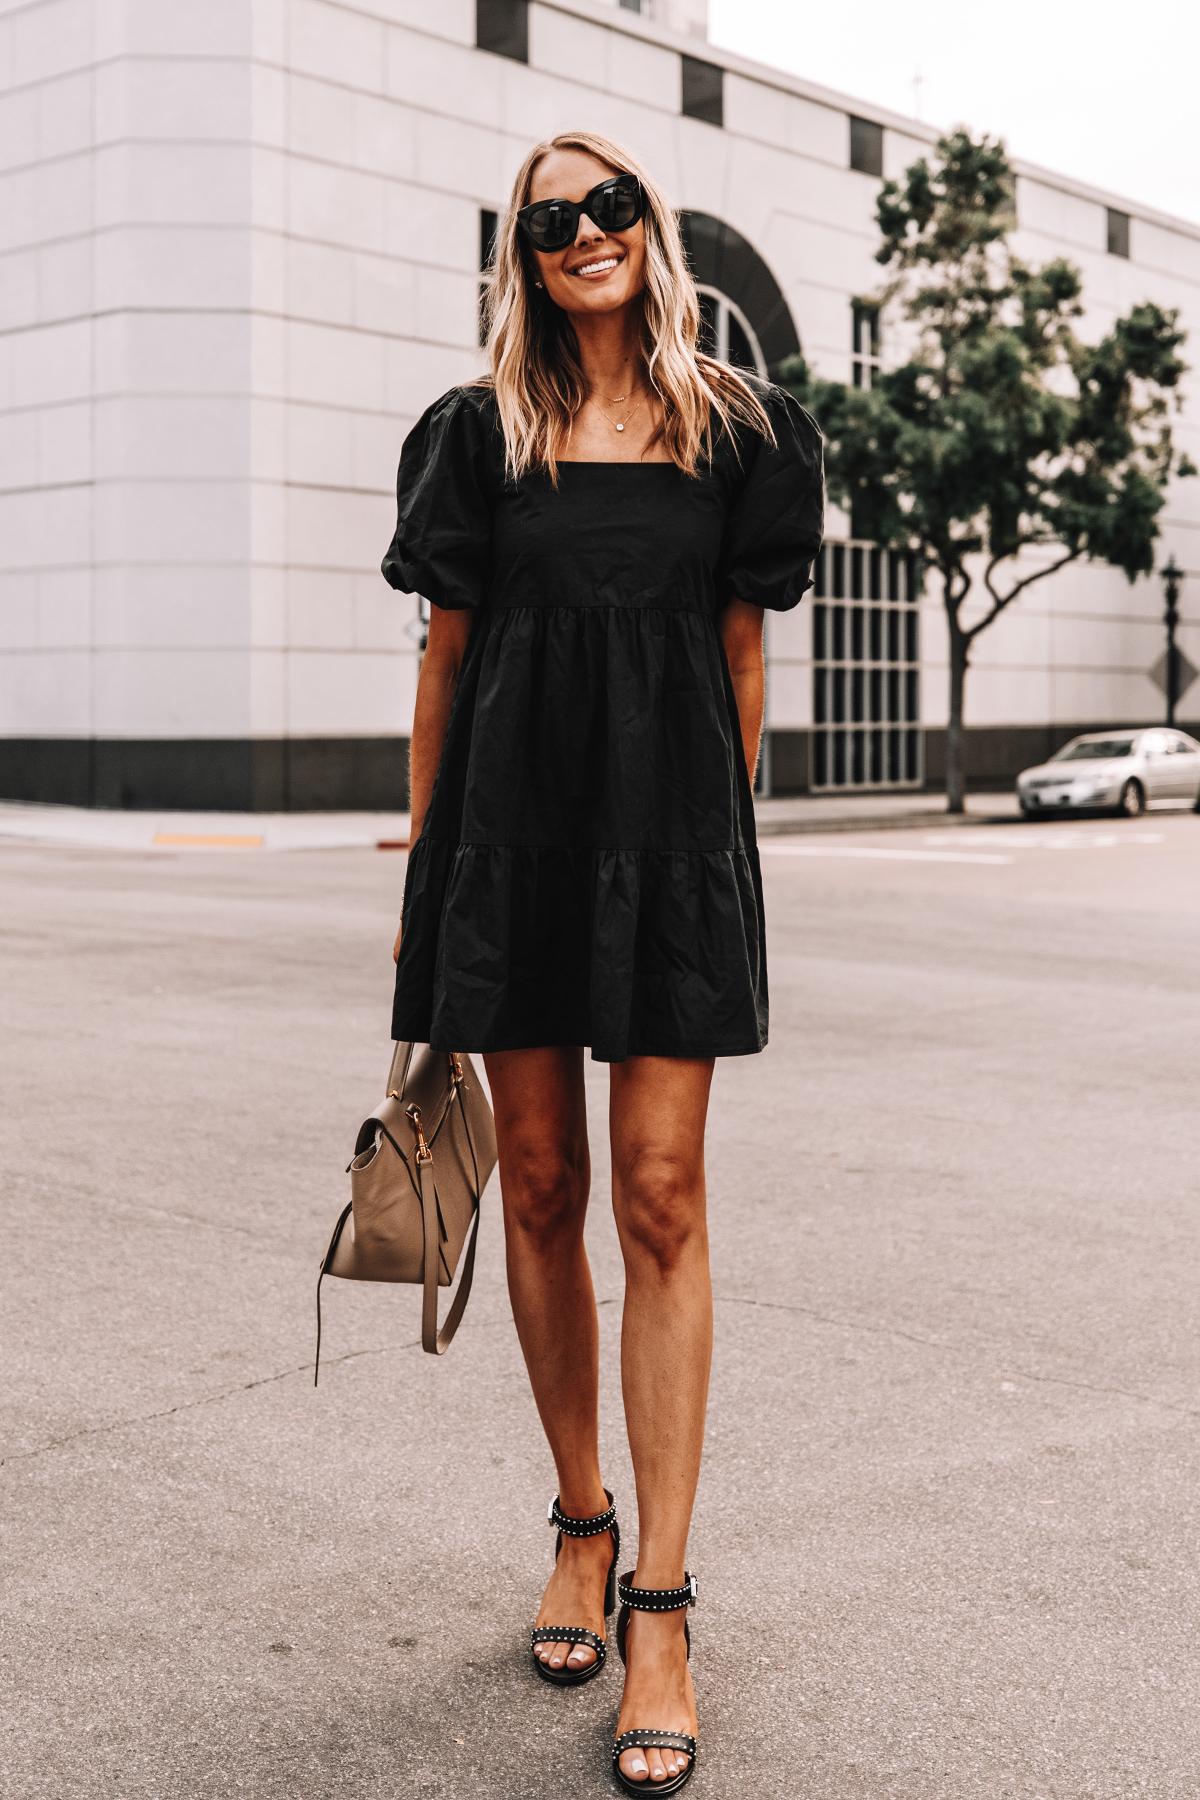 Fashion Jackson Wearing Black Ruffle Dress Givenchy Elegant 60 studded leather sandals Black 3